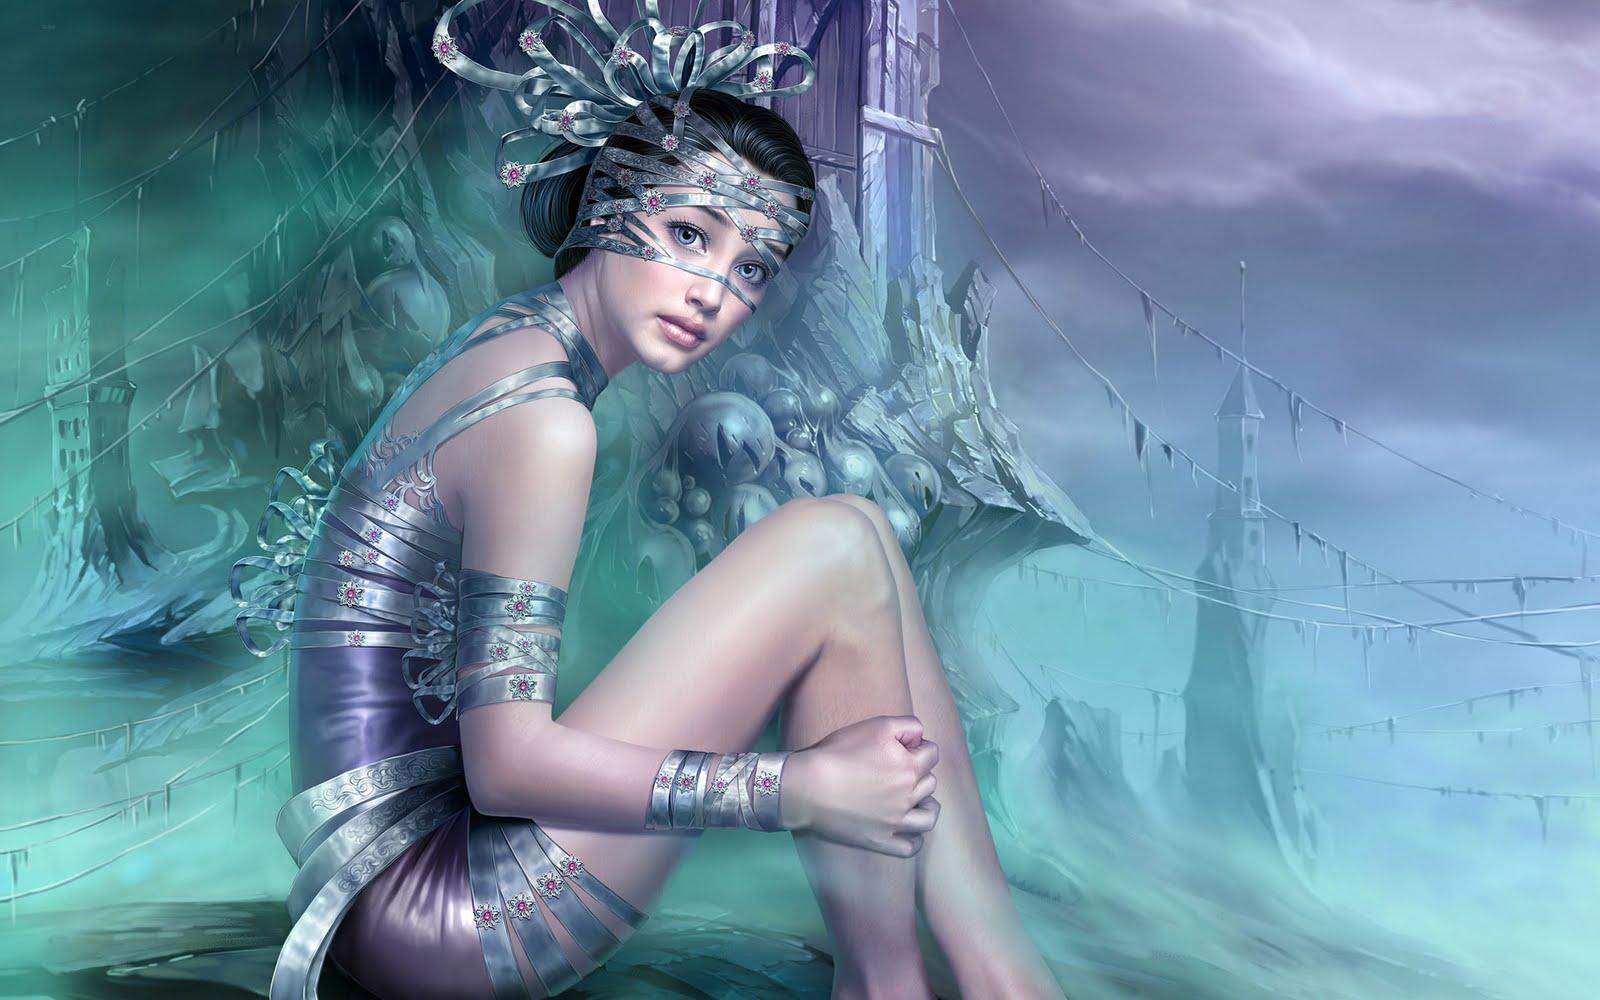 fantasy girl pc desktop hd paintings wallpaper 1440x900